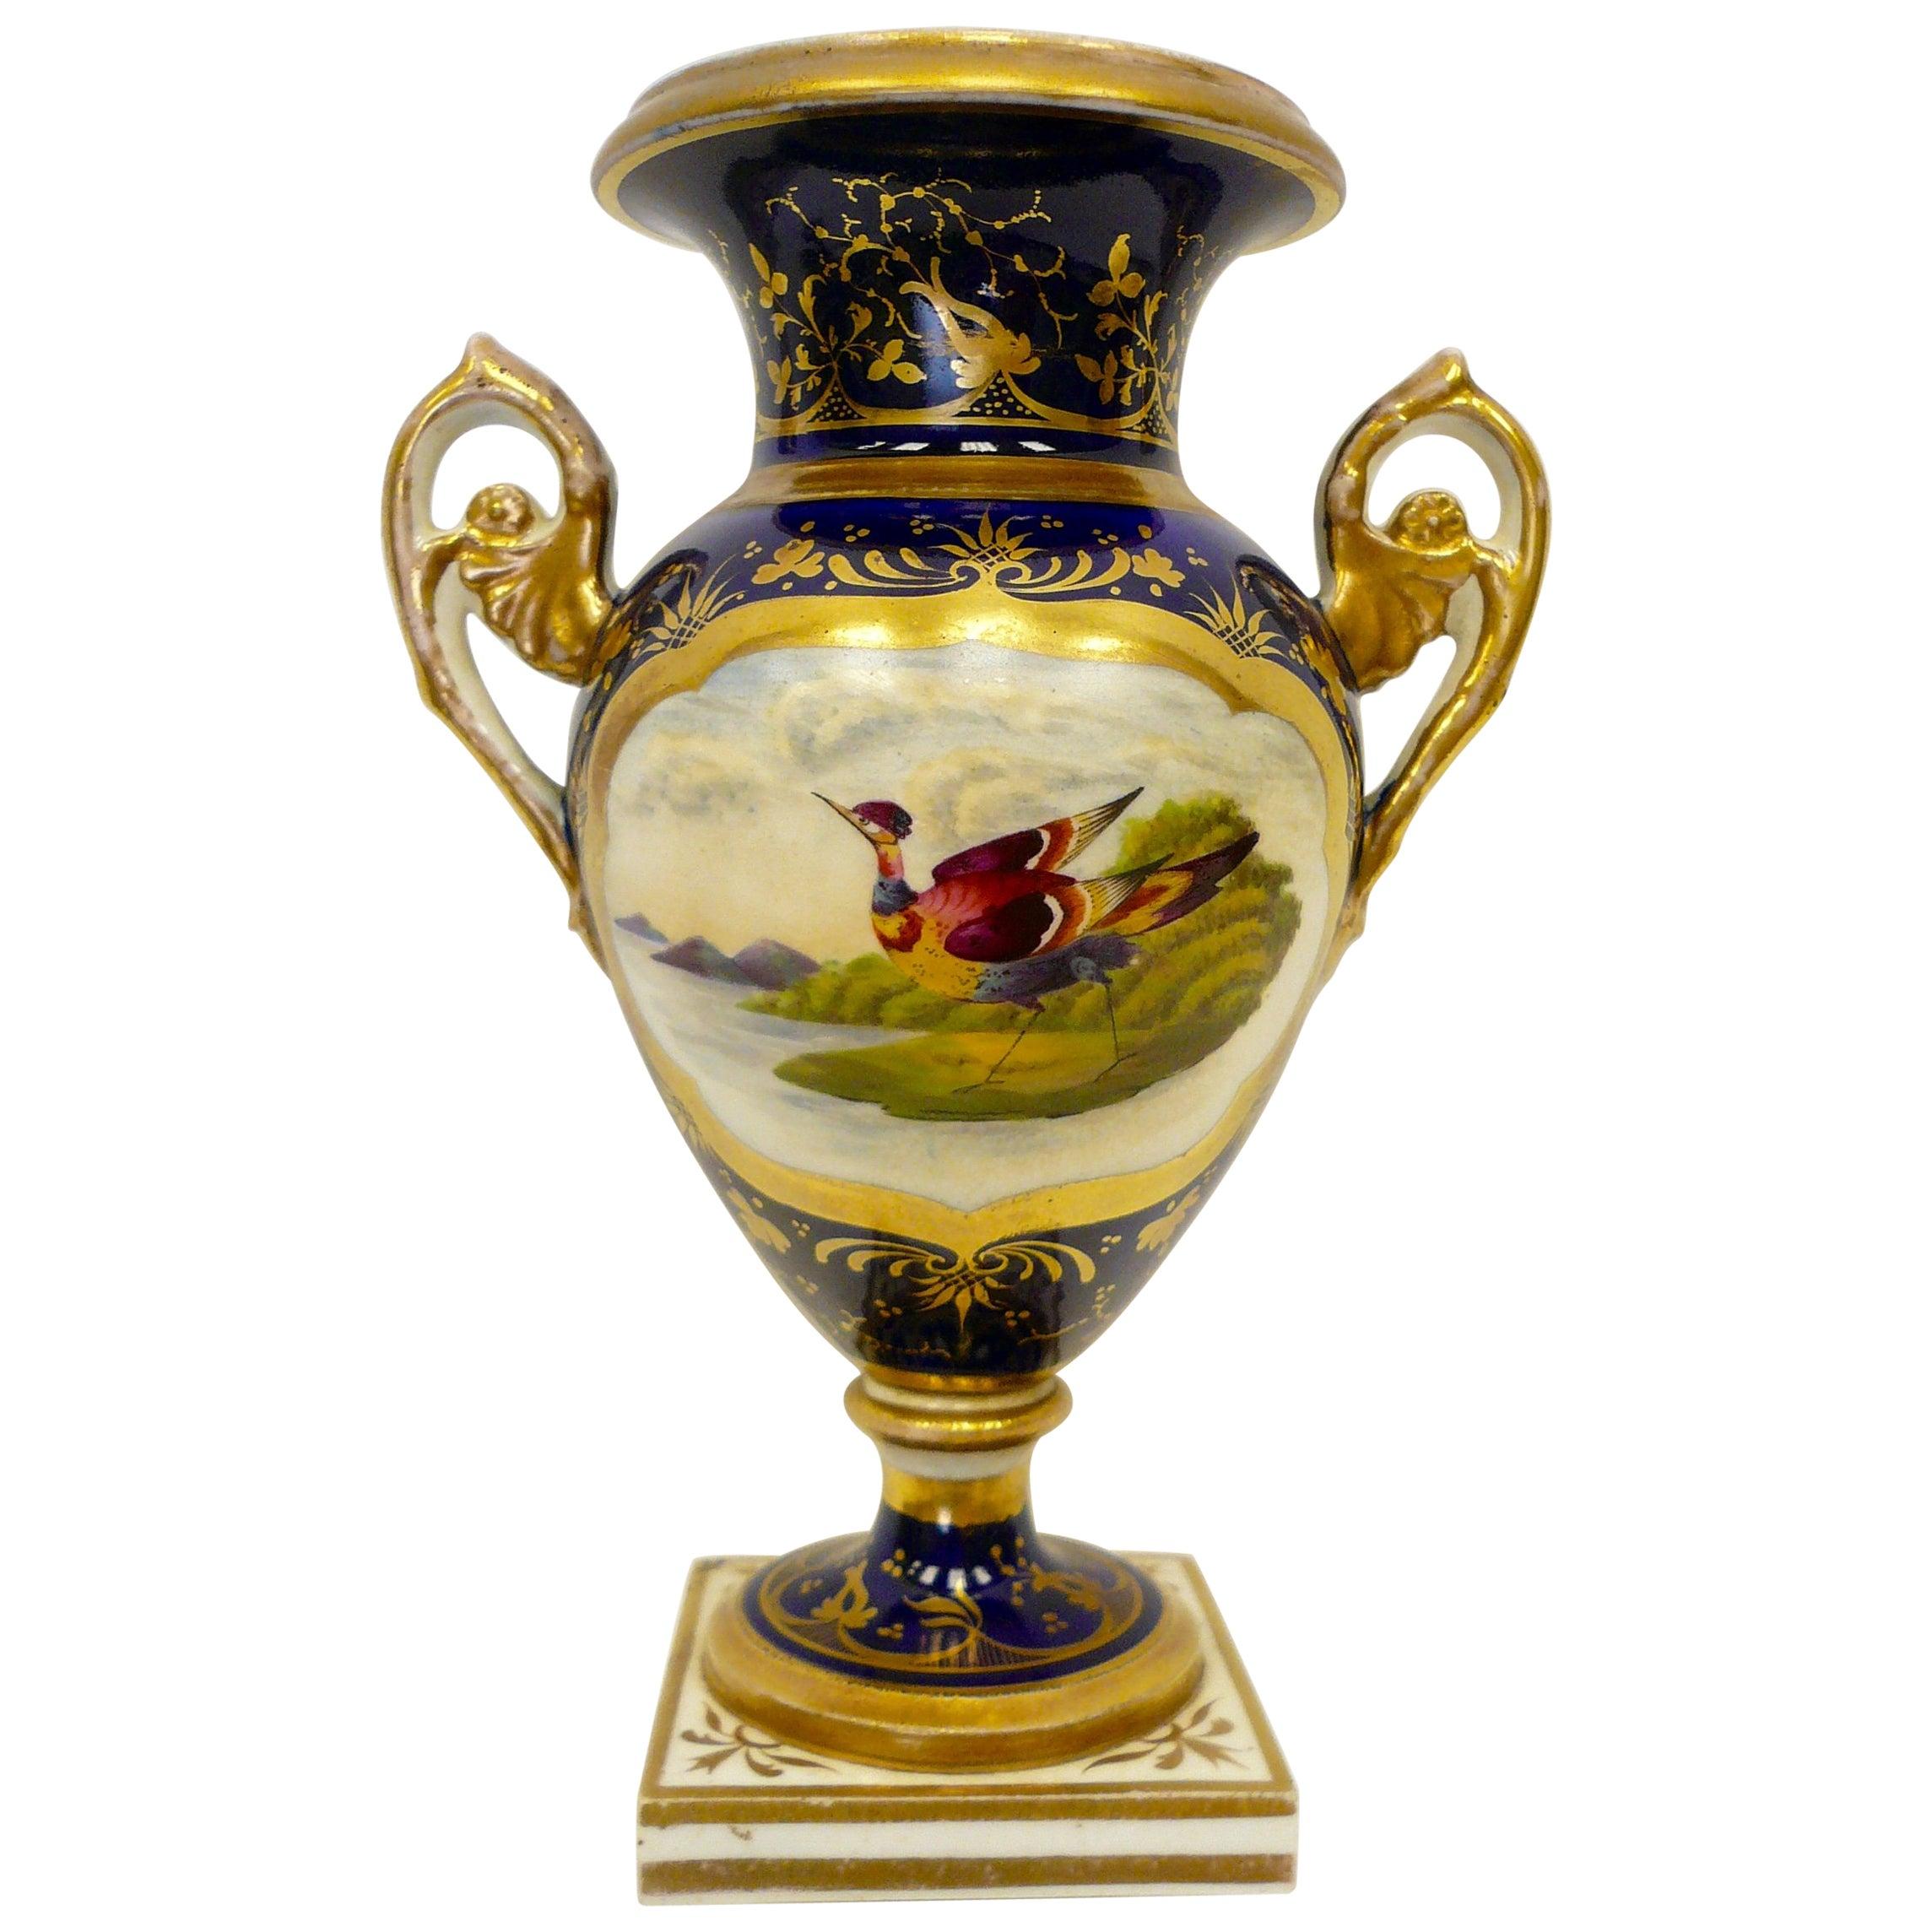 Derby Porcelain Hand-Painted Urn Form Vase